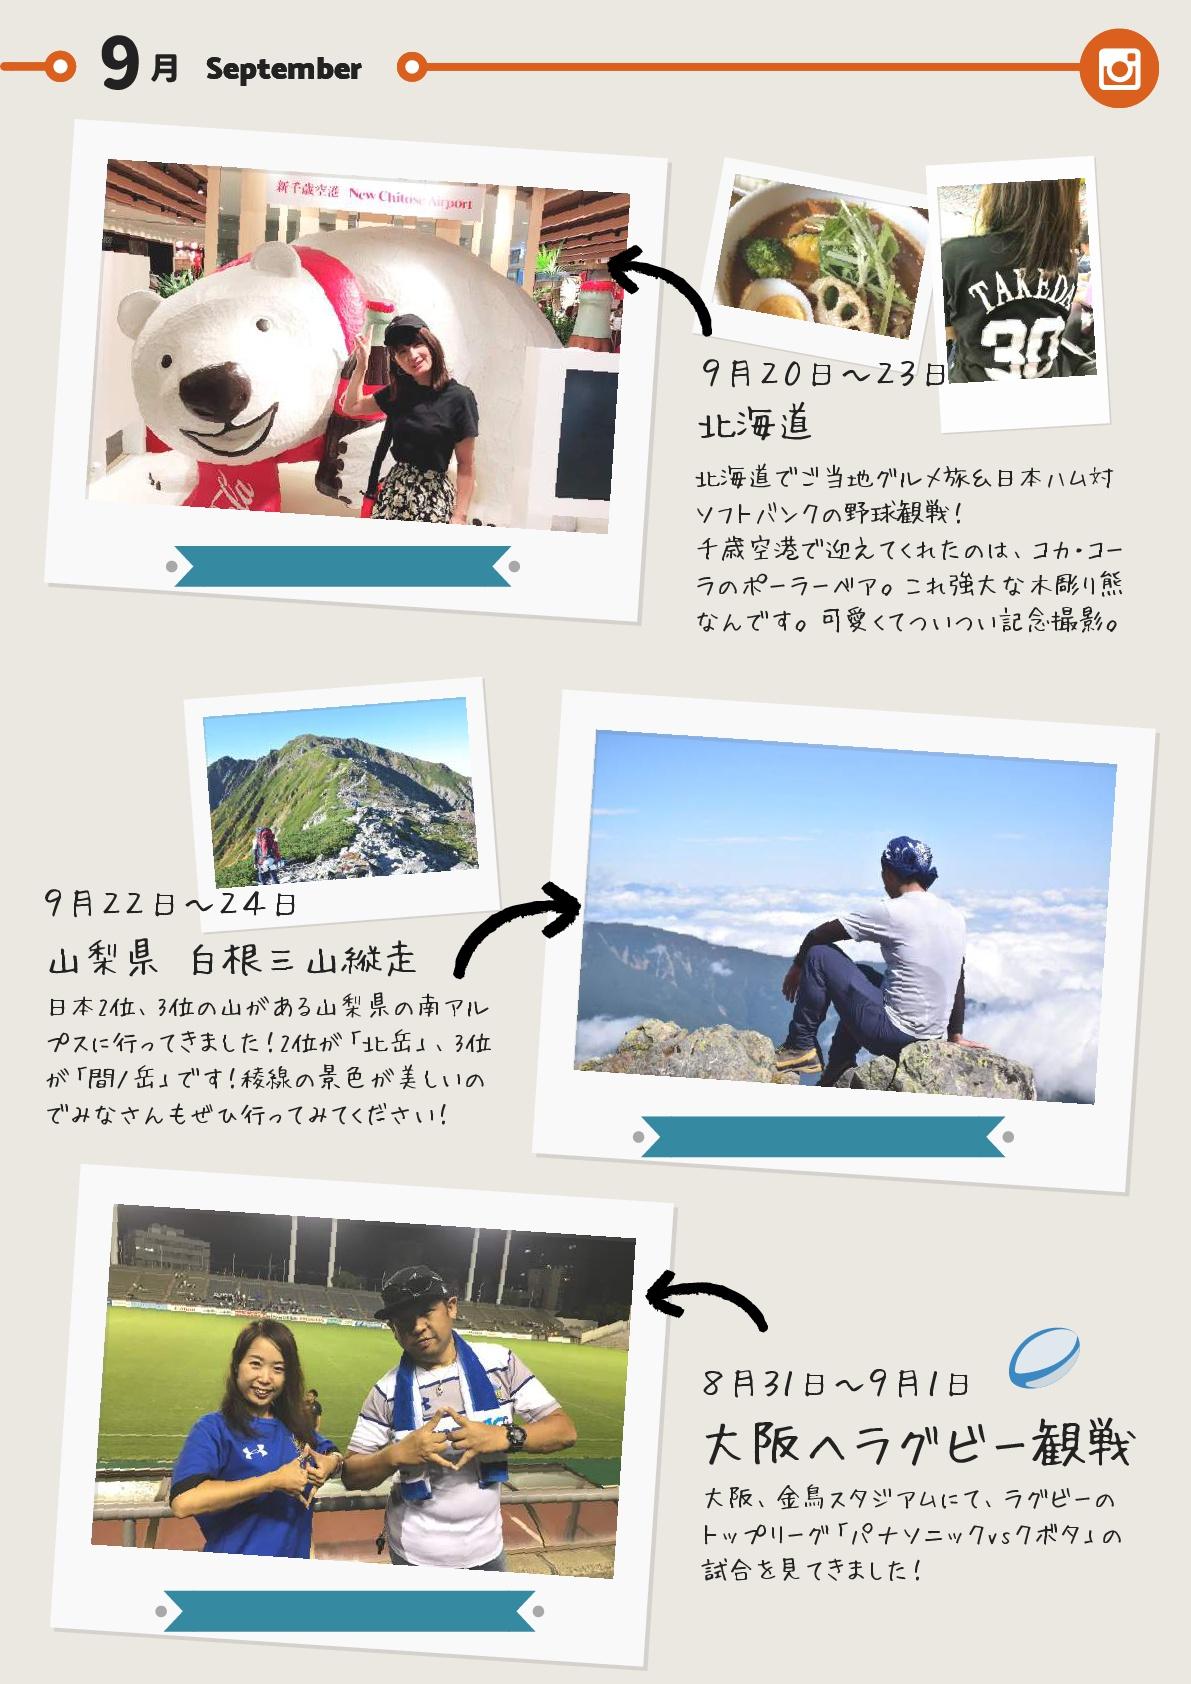 派遣やワーキングママら、社員旅行参加が難しい人も等しく使える福利厚生 「社員の旅の思い出、会社が2万で買い取ります!」 東京・品川のIT企業が新制度導入し、社員満足向上